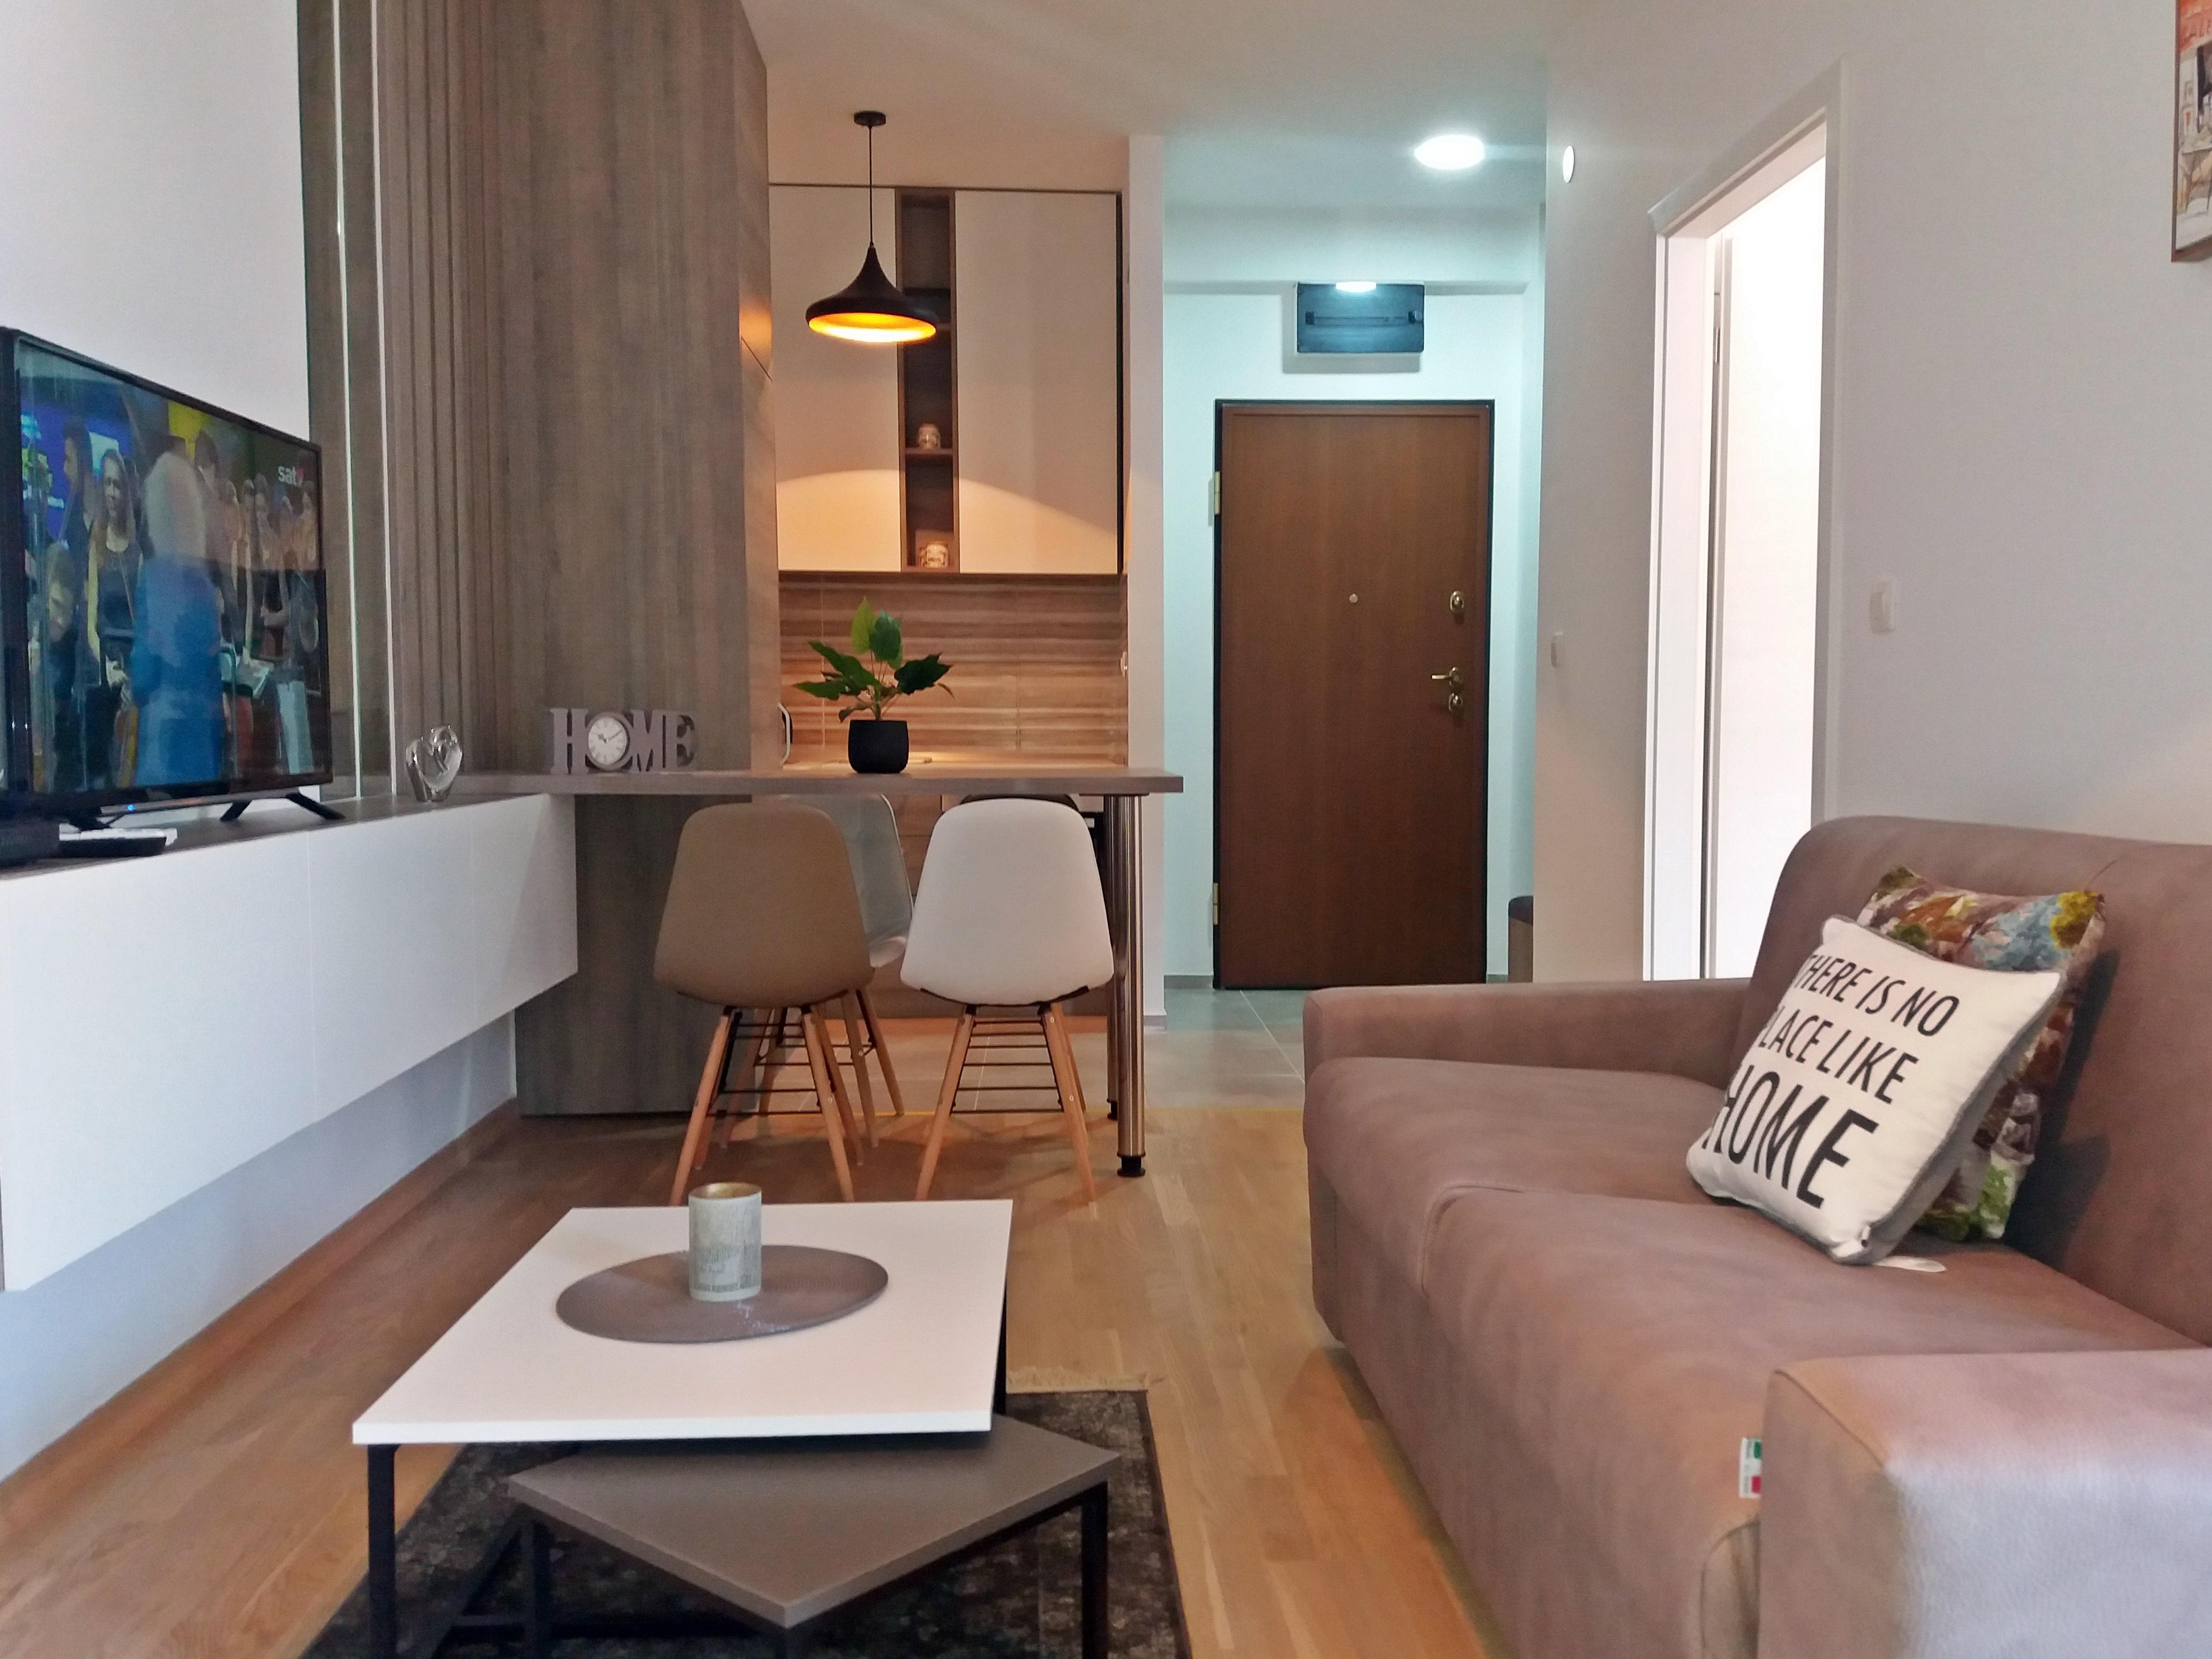 NewLine Montenegro - Luxury City one bedroom apartment C56 - Slika 2